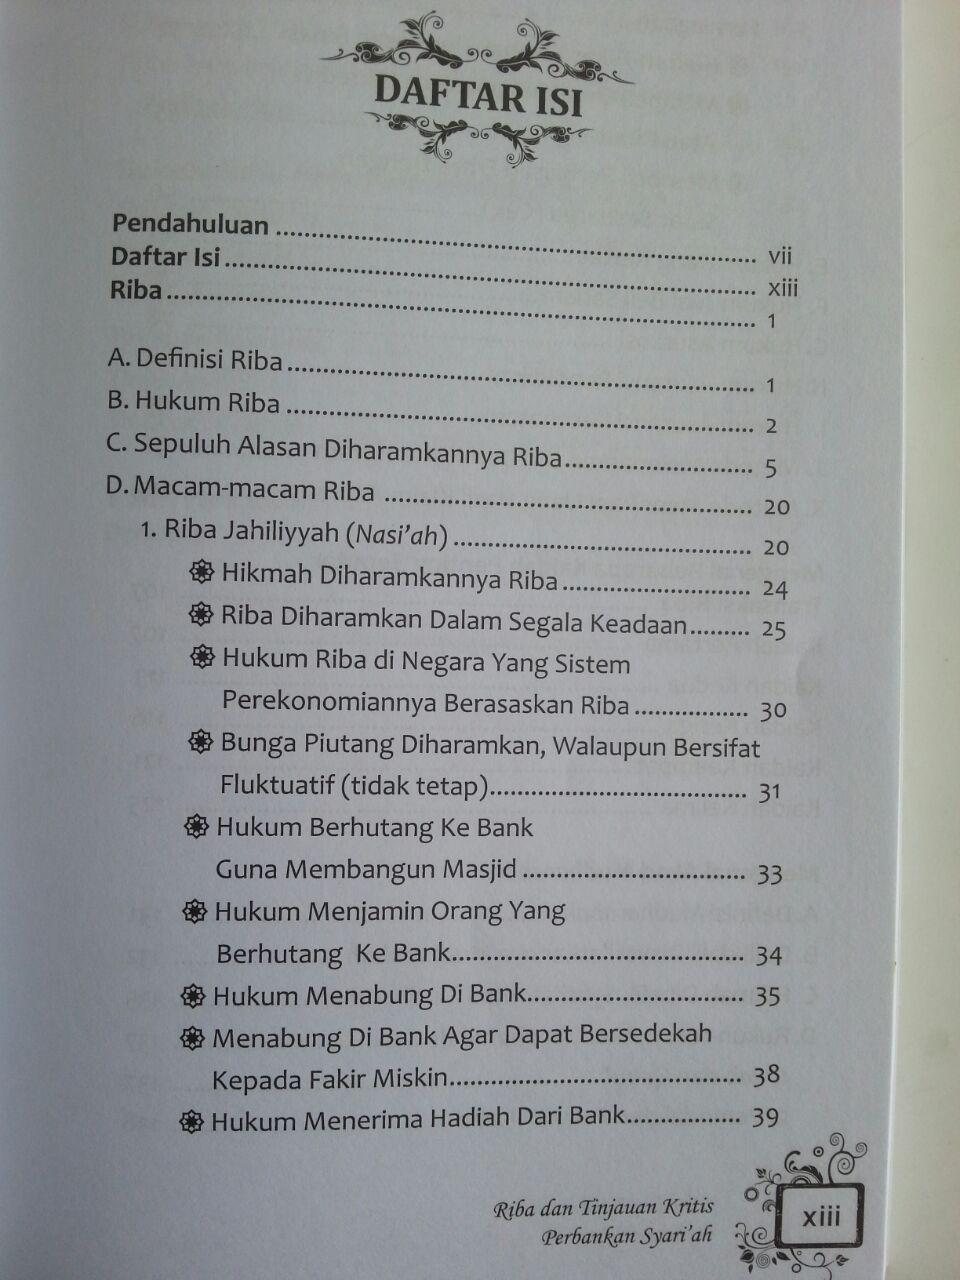 Buku Riba Dan Tinjauan Kritis Perbankan Syariah Penjelasan Riba isi